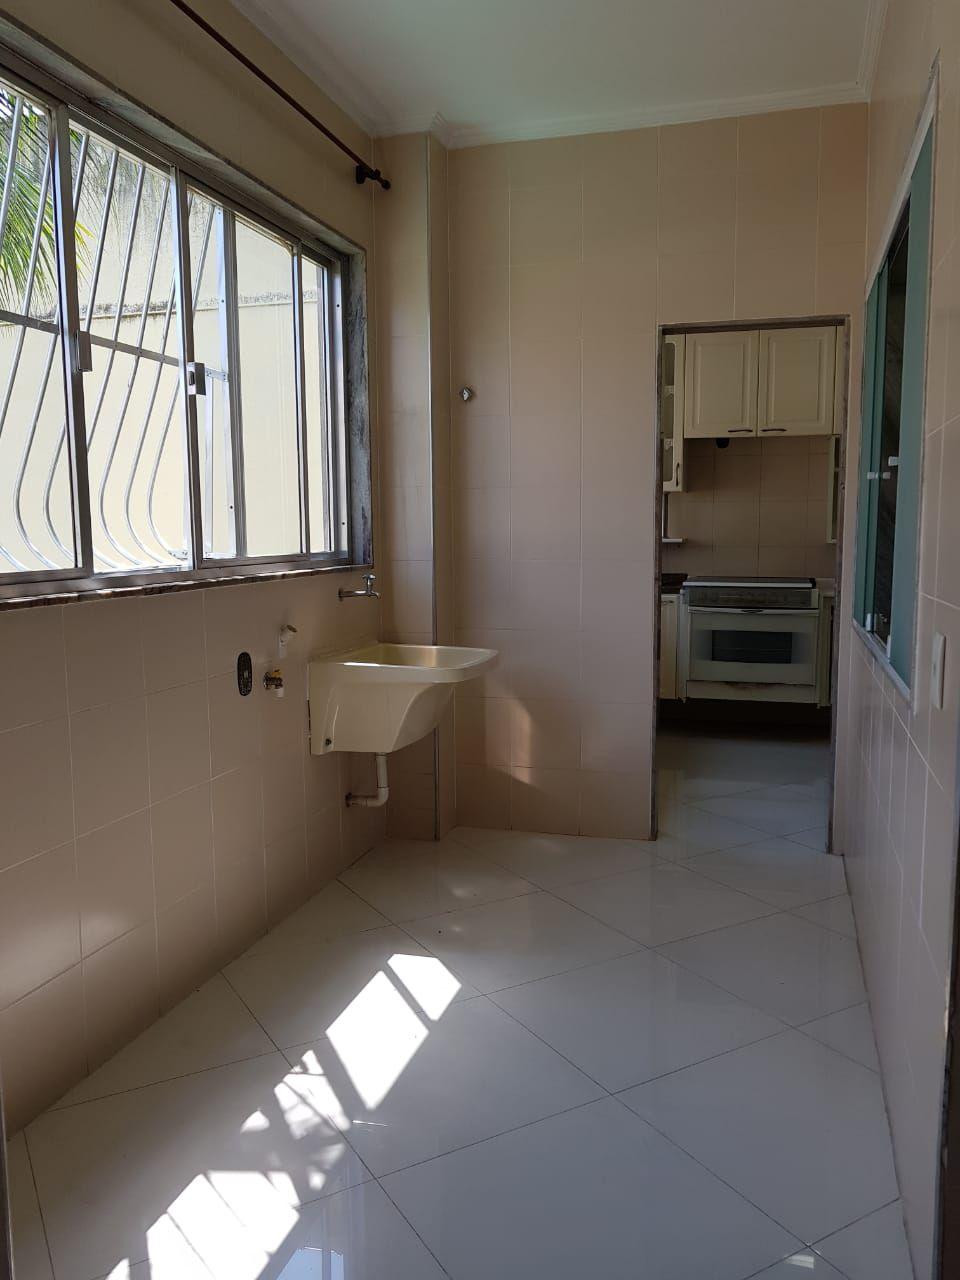 FOTO 6 - Apartamento à venda Rua da Divina Misericórdia,Vila Valqueire, Rio de Janeiro - R$ 790.000 - RF128 - 7